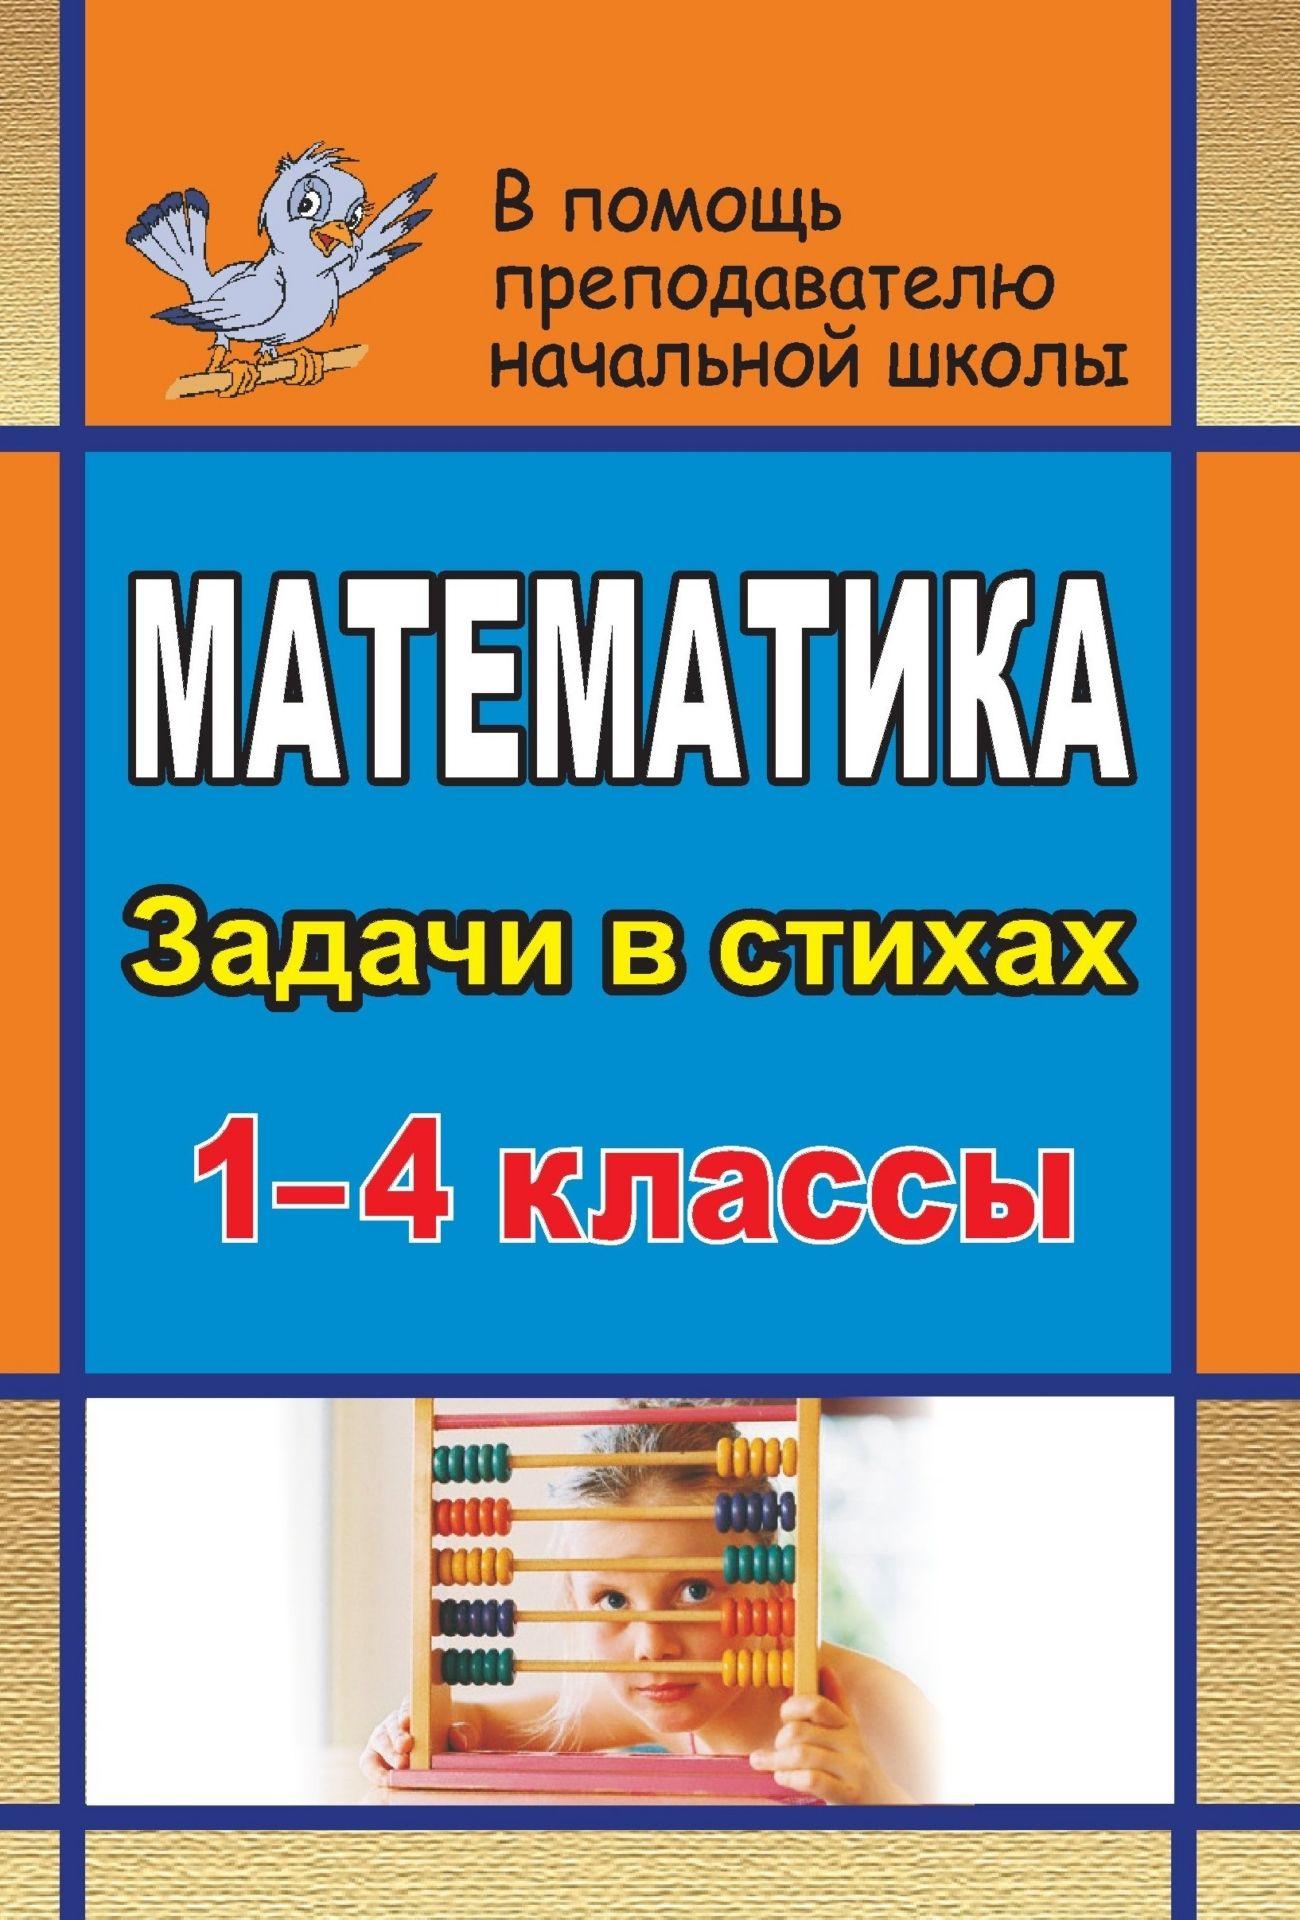 Математика. 1-4 классы: задачи в стихахПредметы<br>Математика - сложный предметный курс в изучении школьных дисциплин, в большей степени это относится к учащимся начальных классов.Учить математике играя - вот основная задача данного пособия.Представленный материал в форме занимательных рифмованных задач а...<br><br>Авторы: Корякина Л. В.<br>Год: 2011<br>Серия: В помощь преподавателю начальной школы<br>ISBN: 978-5-7057-2108-5<br>Высота: 200<br>Ширина: 140<br>Толщина: 11<br>Переплёт: мягкая, склейка